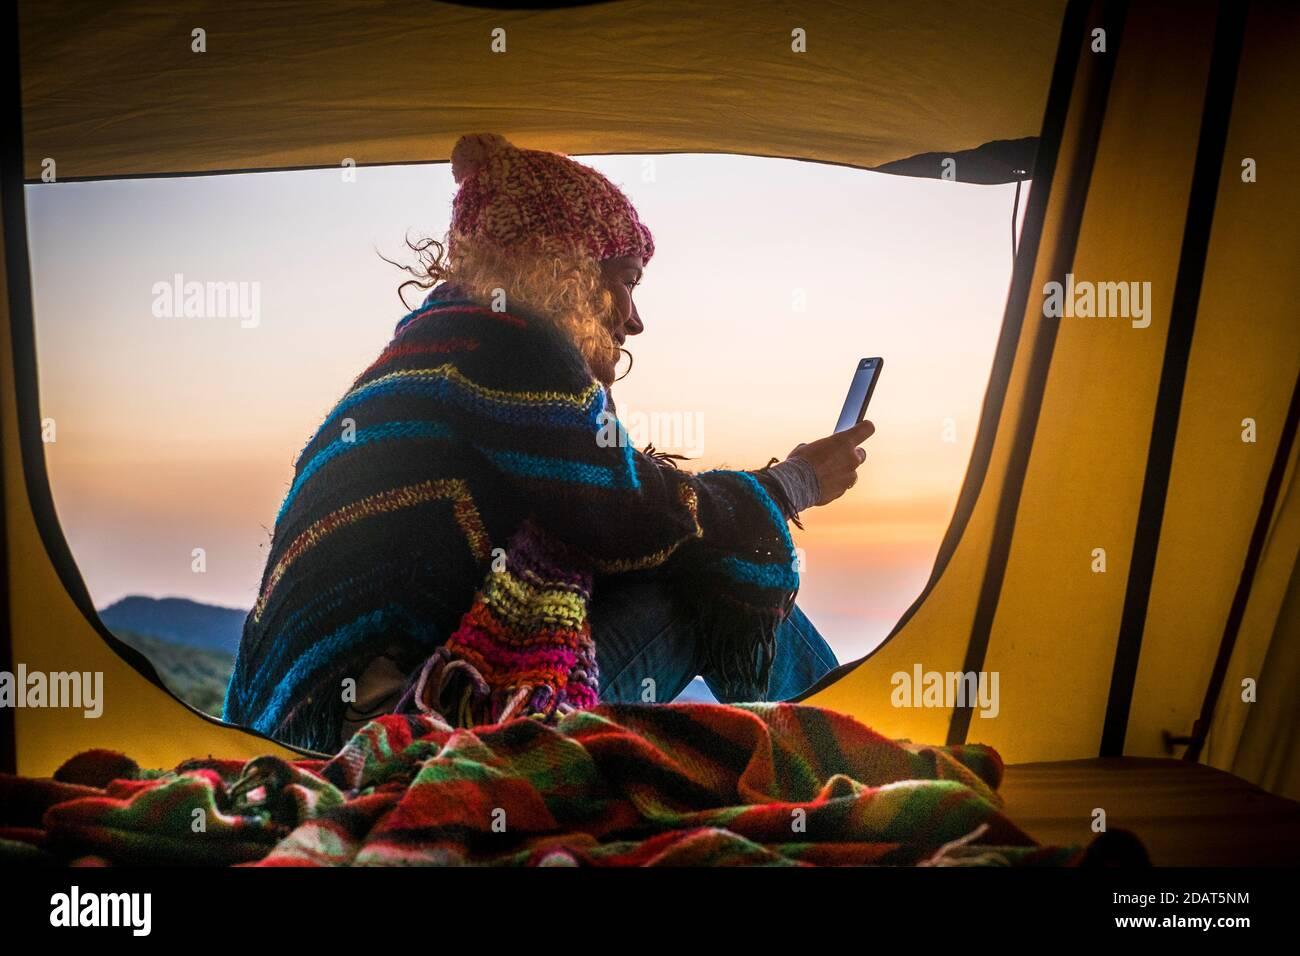 Liberté et aventure voyage vacances alternative loisirs activité style de vie avec une femme s'assoit à l'intérieur d'une tente avec des montagnes et le coucher du soleil afficher utiliser smar Banque D'Images